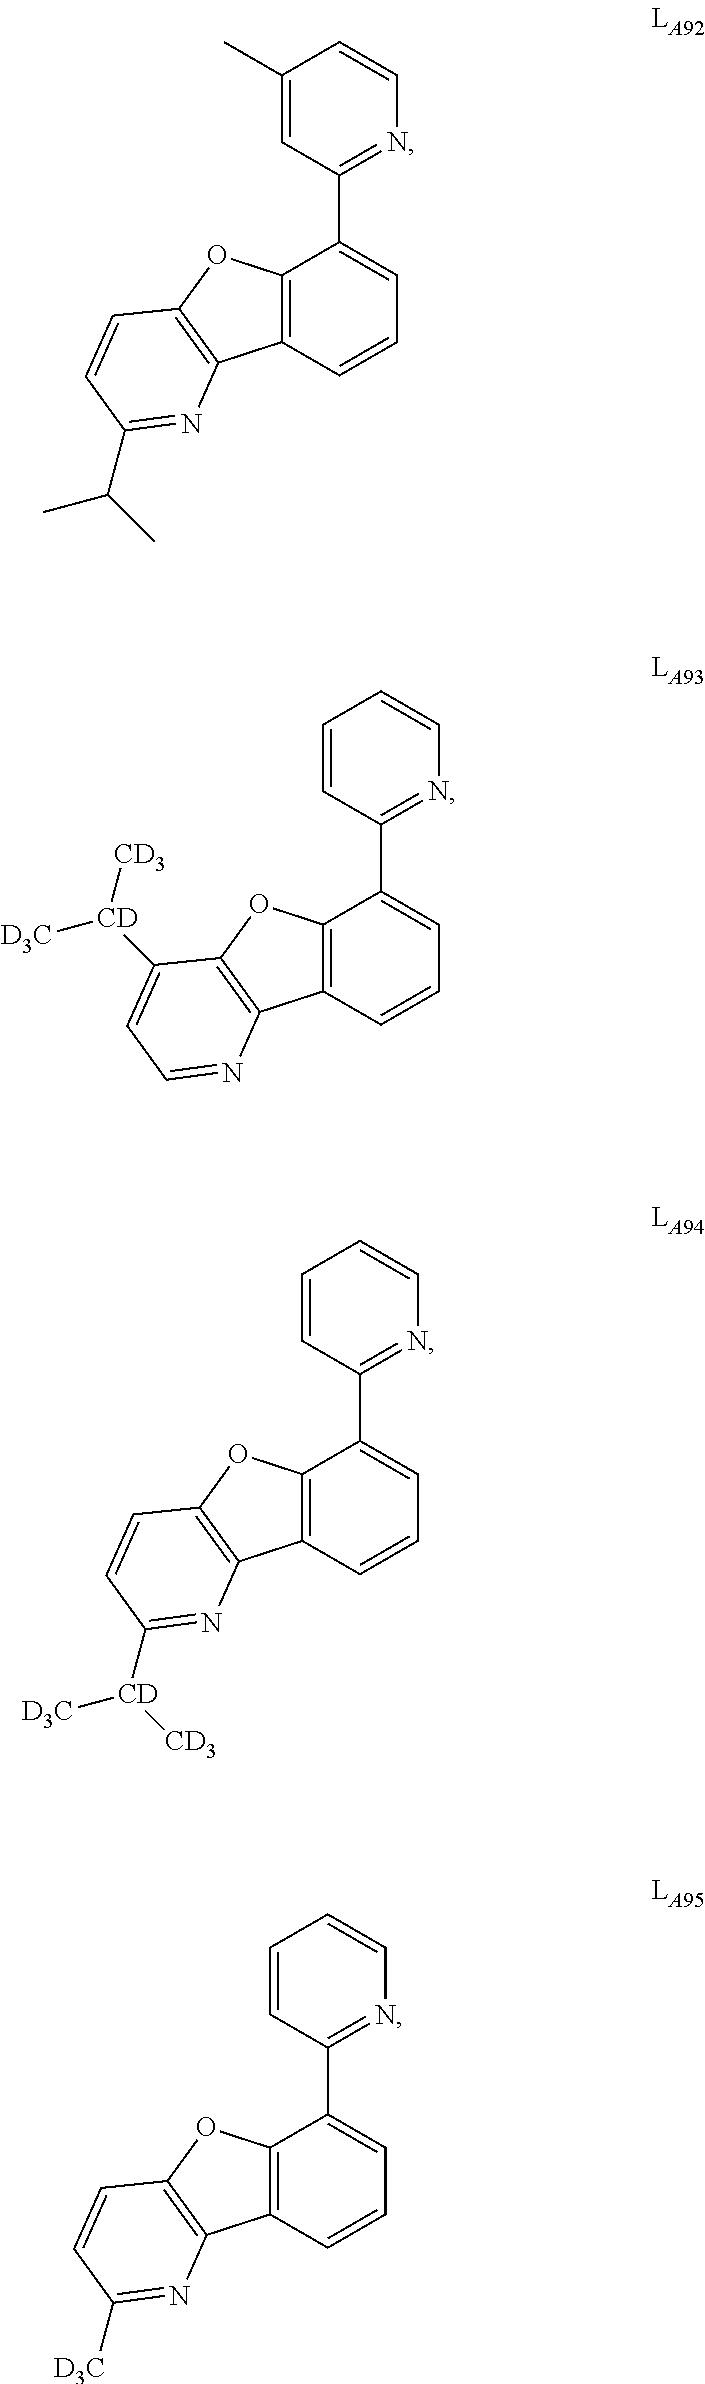 Figure US09634264-20170425-C00070